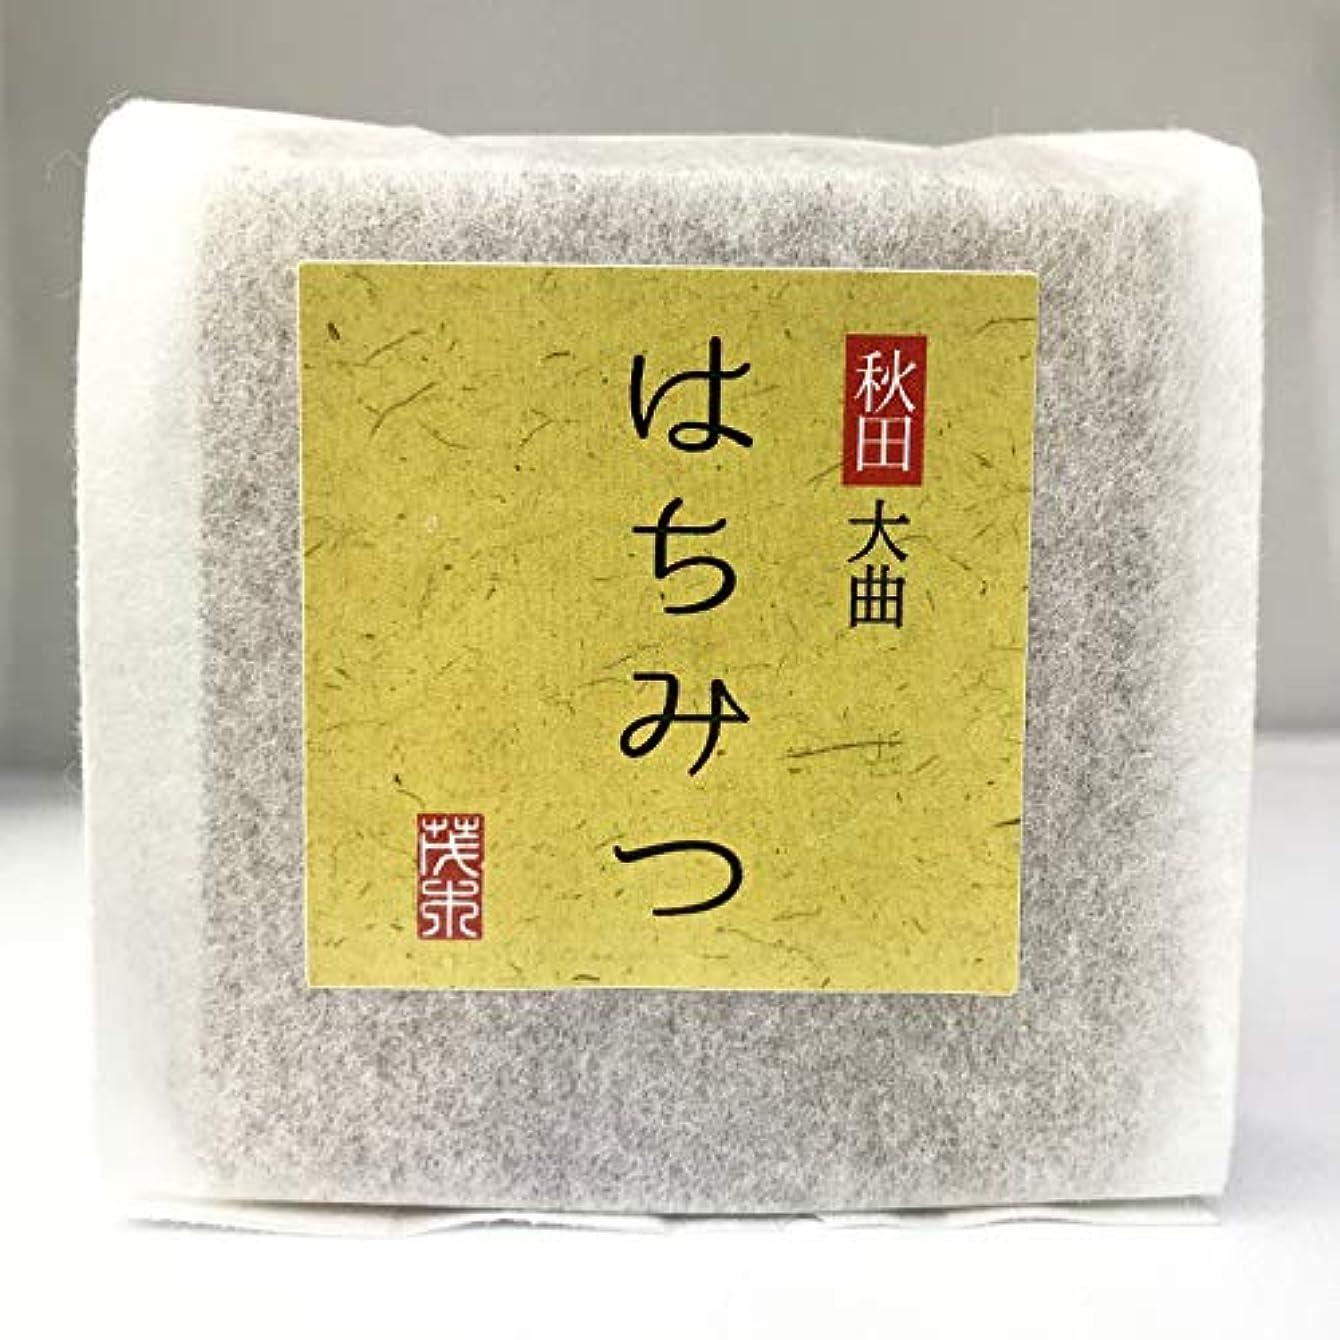 勢い曲がった召集する無添加石鹸 はちみつ石鹸 100g